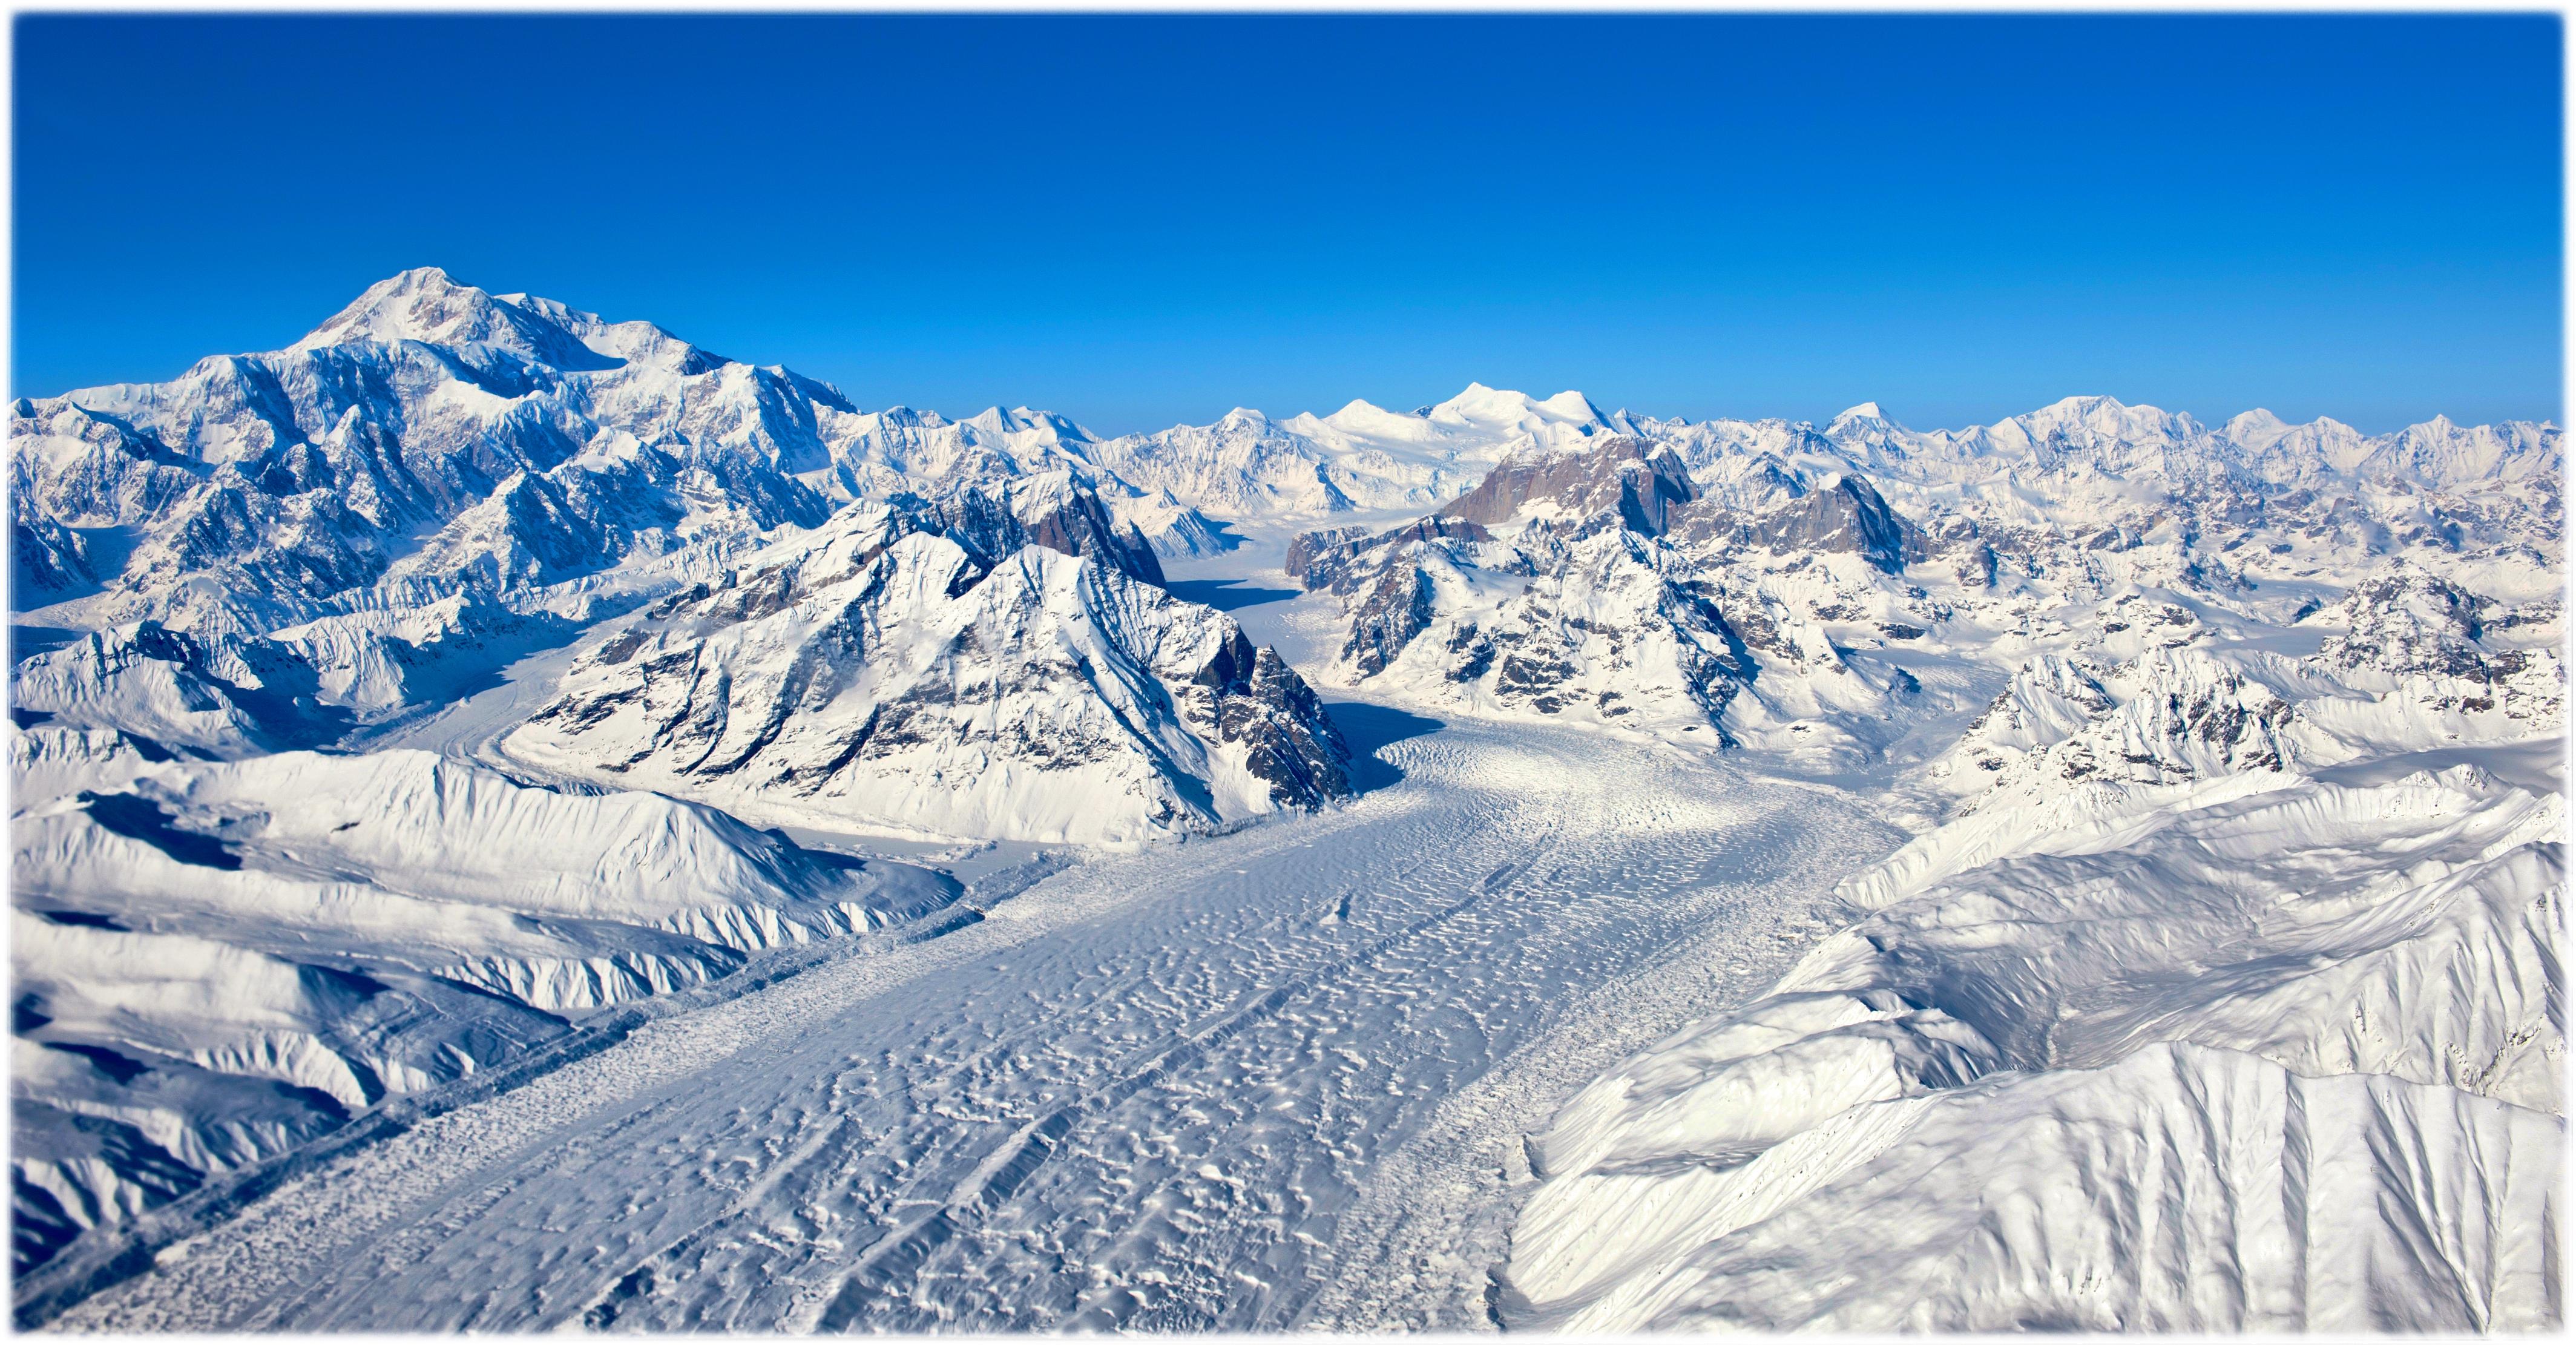 Himalayas Wallpaper Top 41 Himalayas Backgrounds OPU19 4256x2222